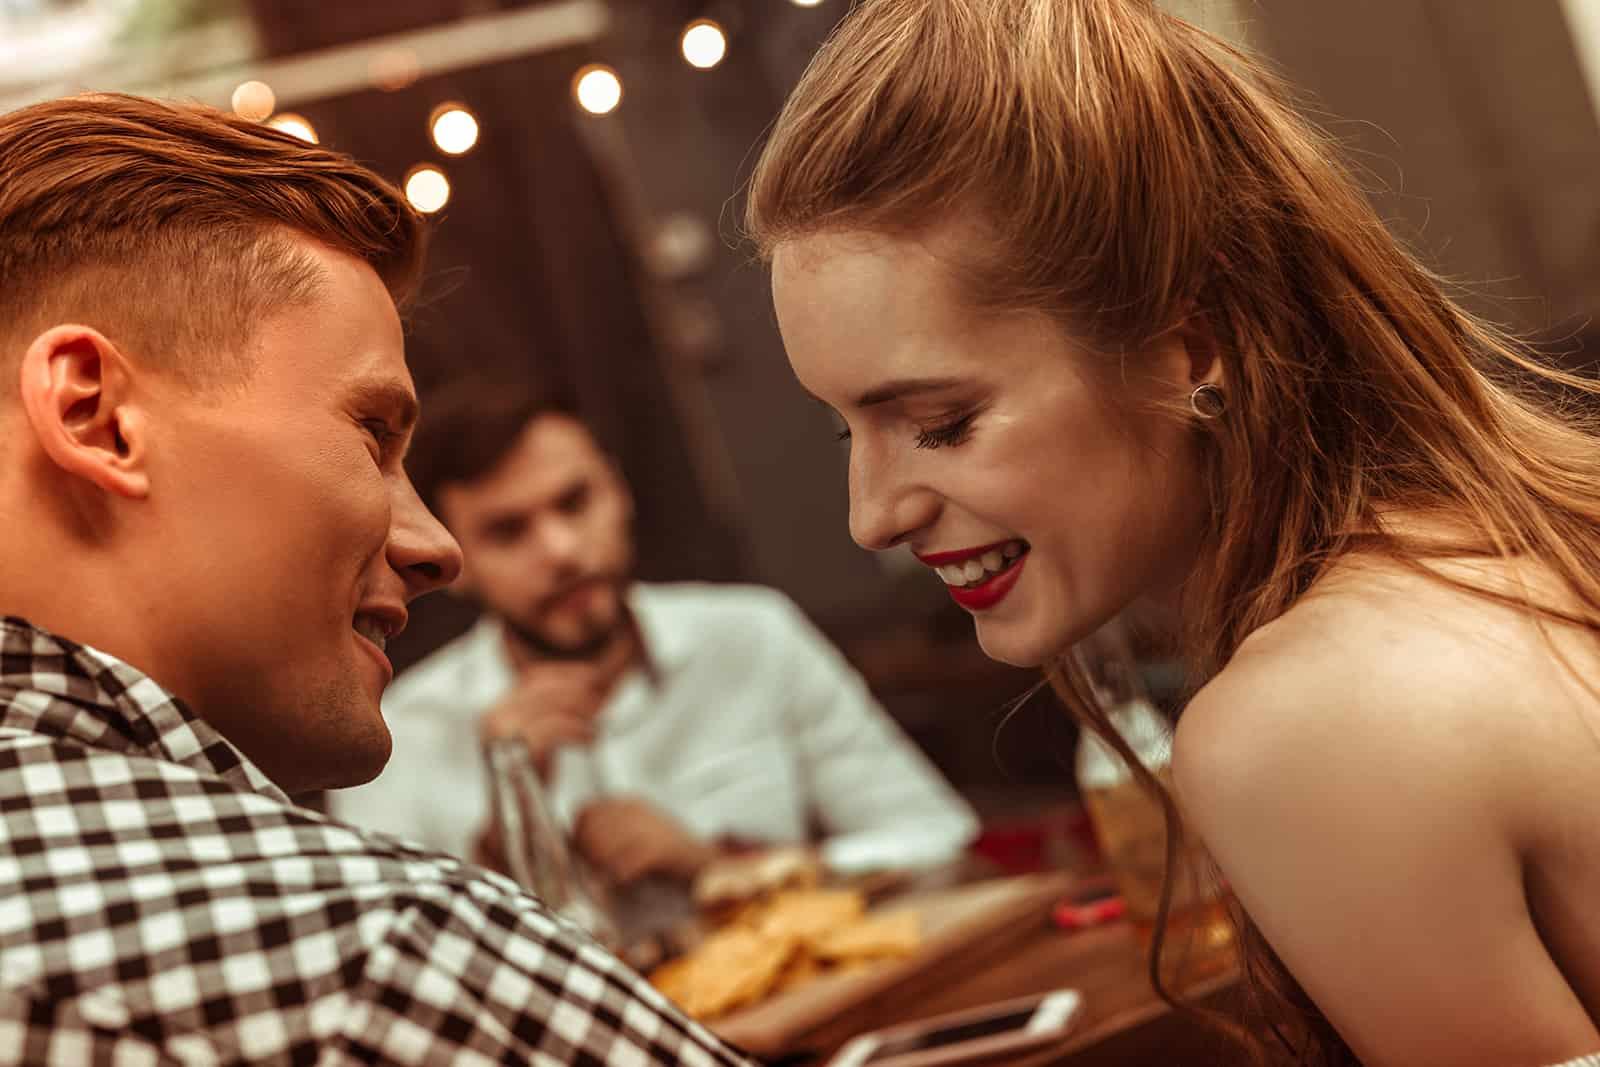 Ein Mann, der mit einer lächelnden Frau flirtet